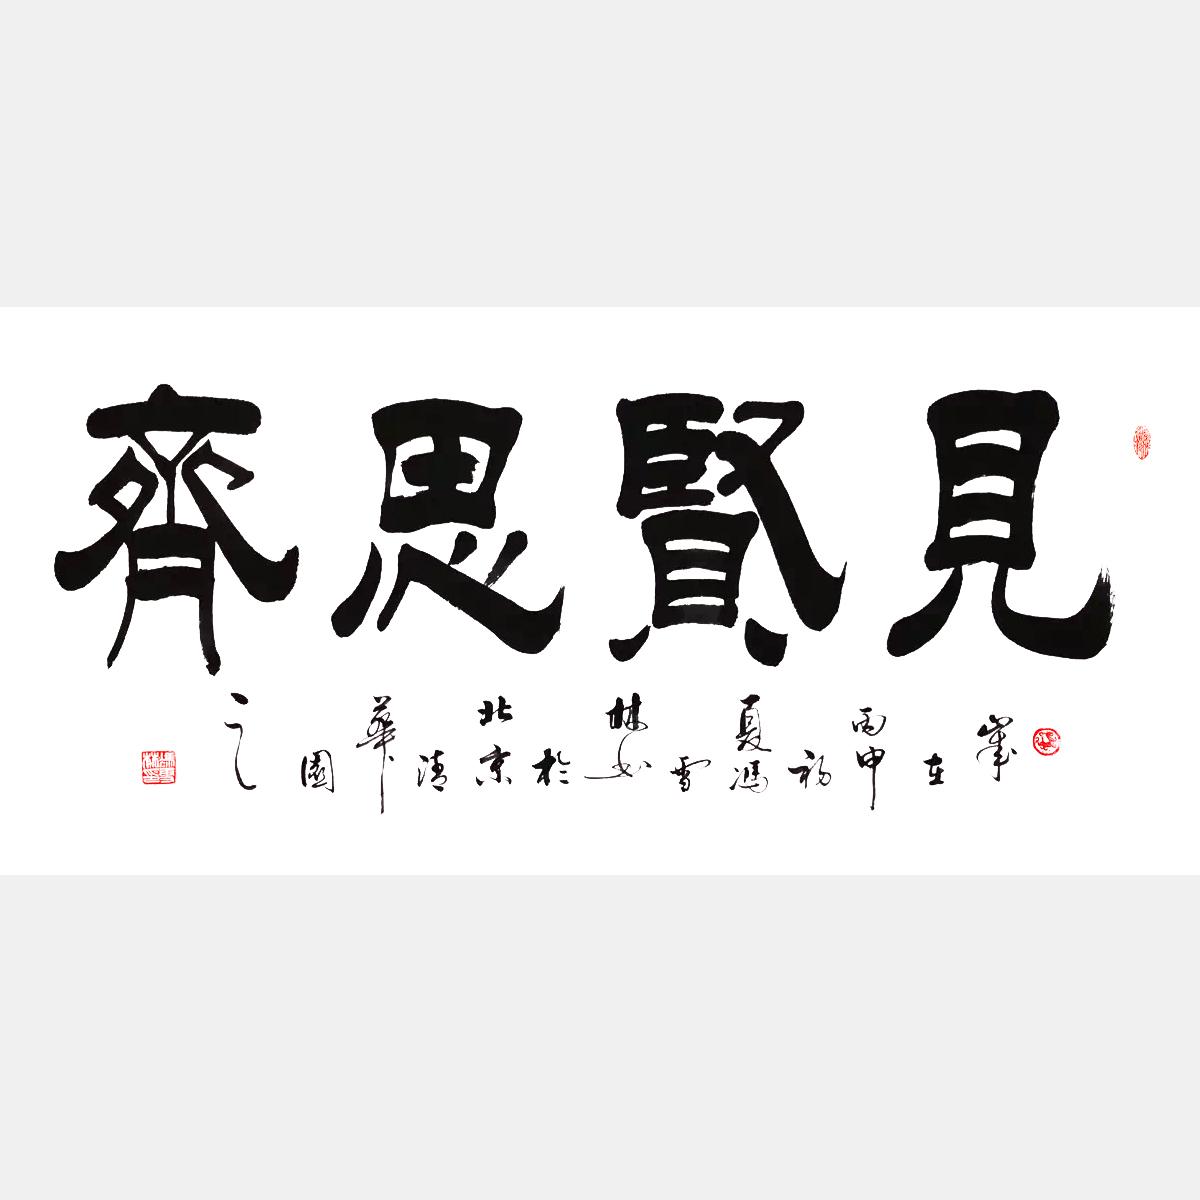 冯雪林书法艺术 见贤思齐书法作品 隶书 横幅